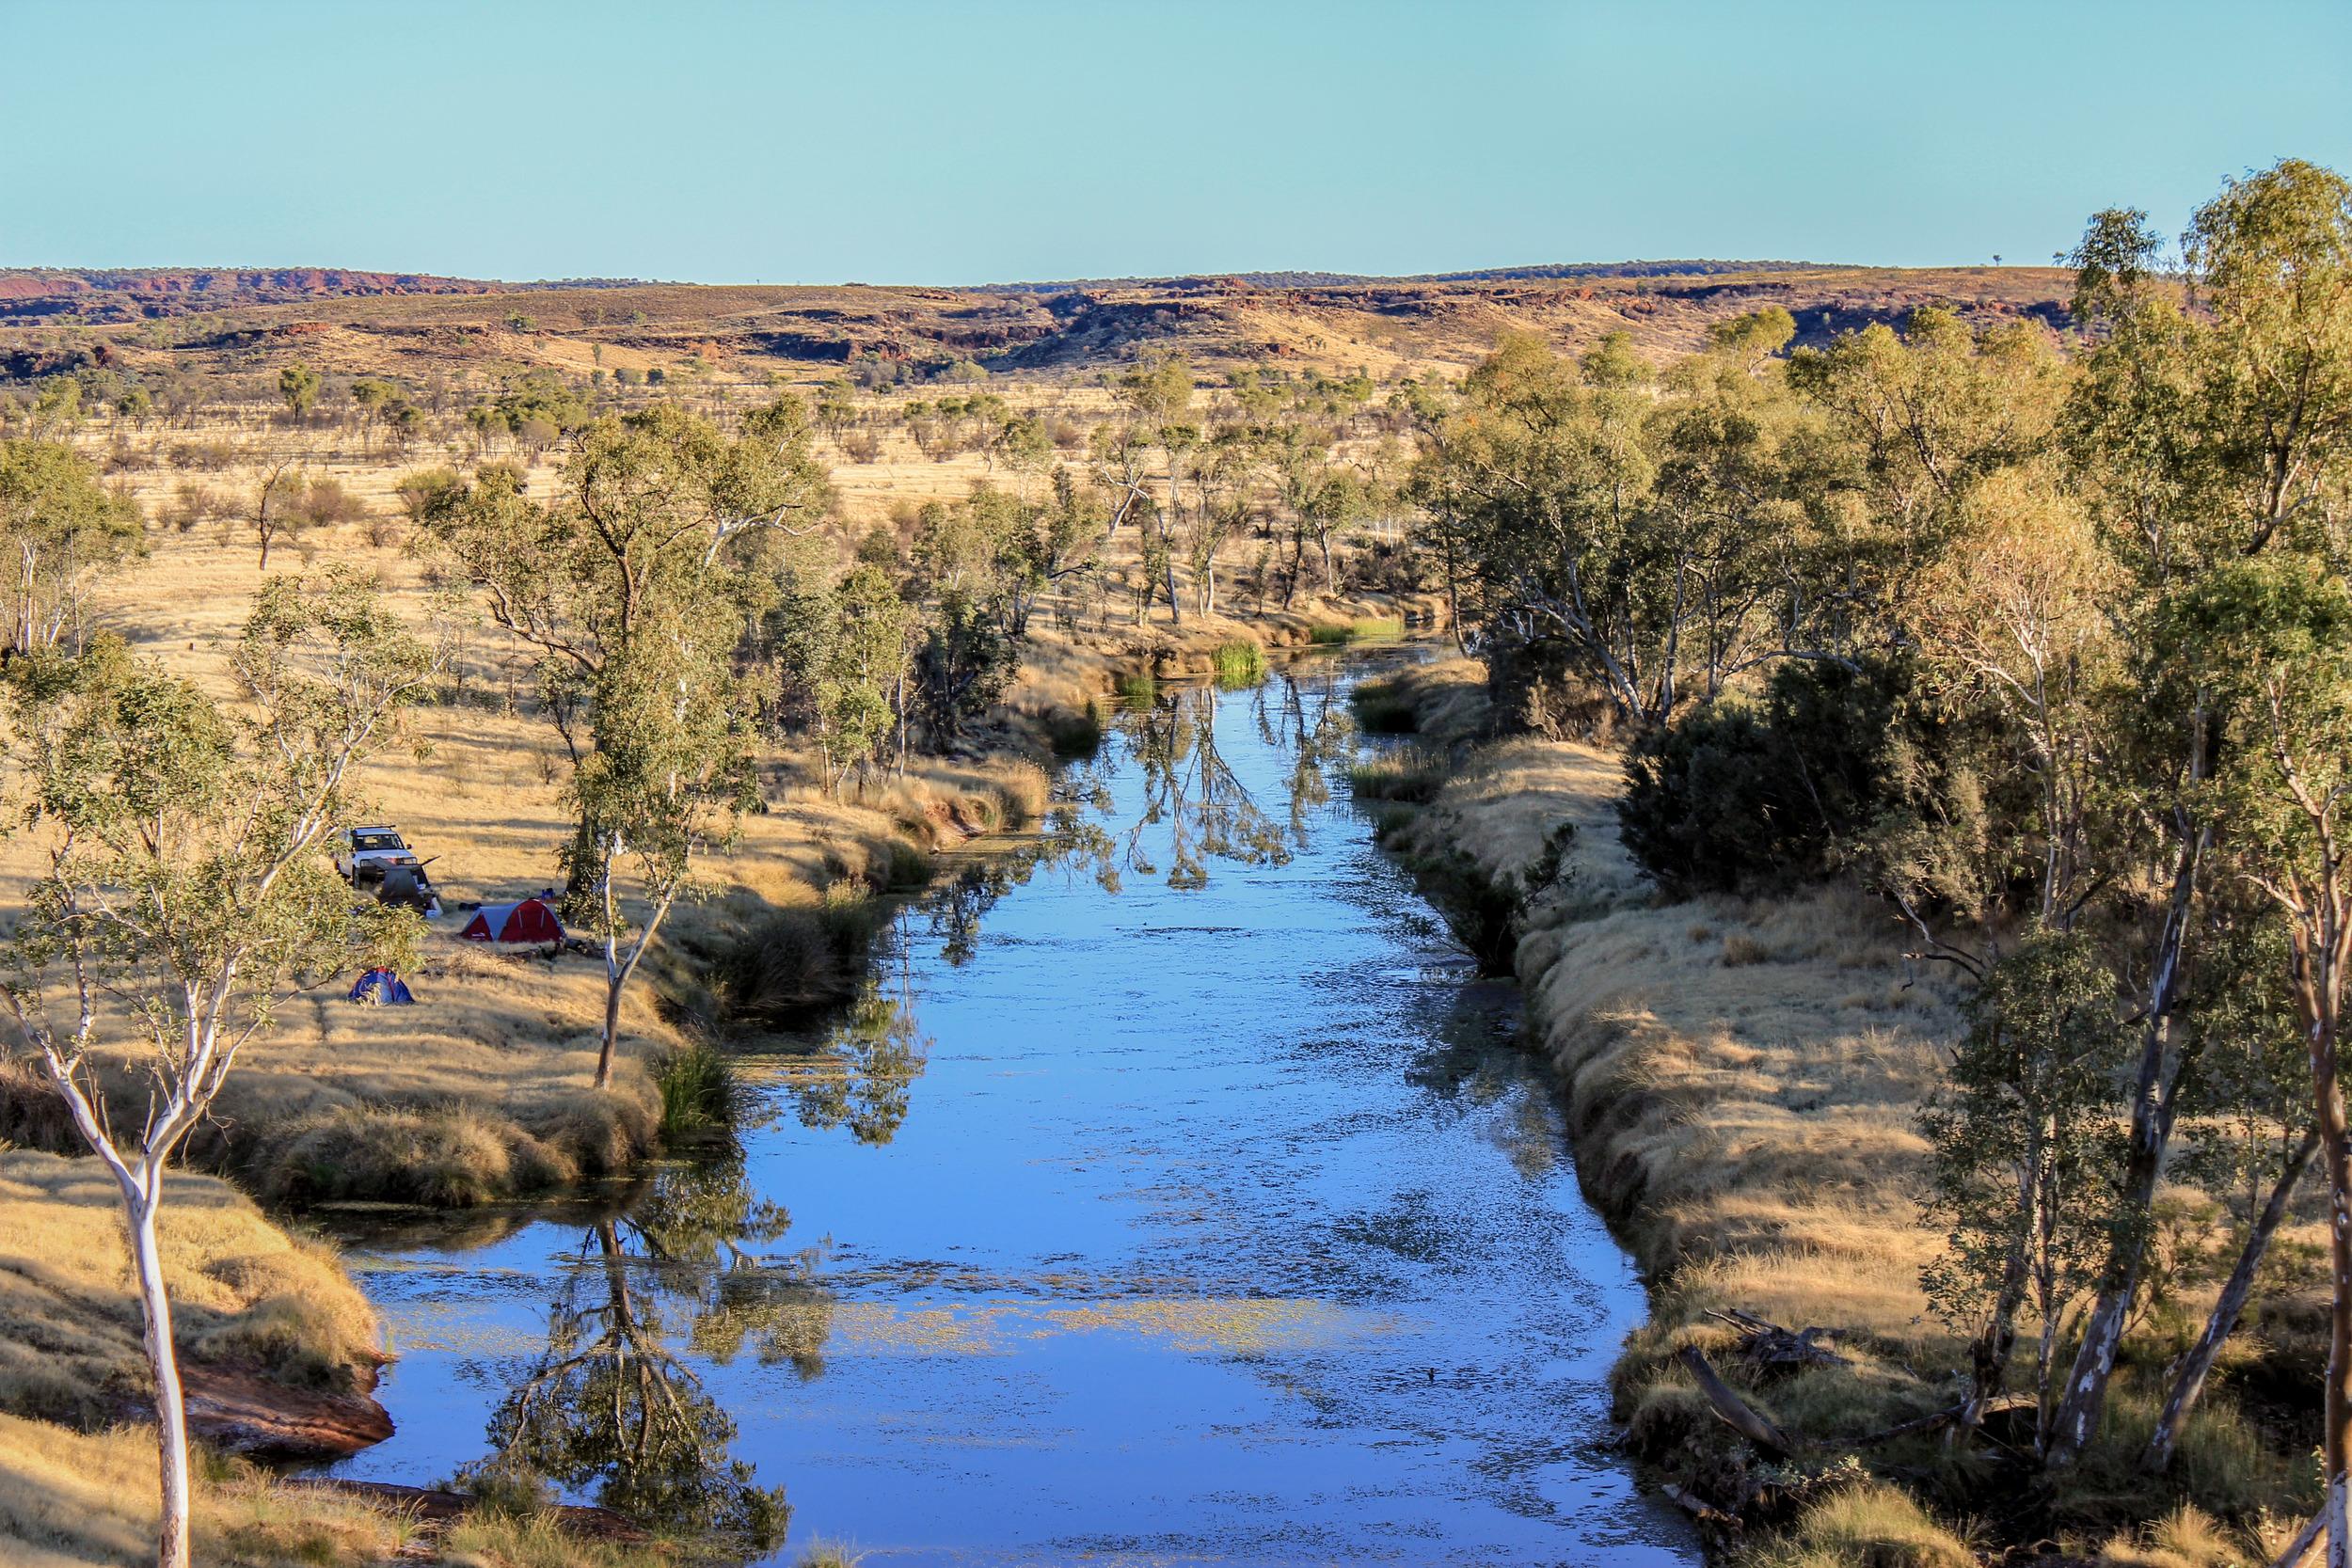 Downstream of Running Waters. Photo by Rebecca Sullivan.